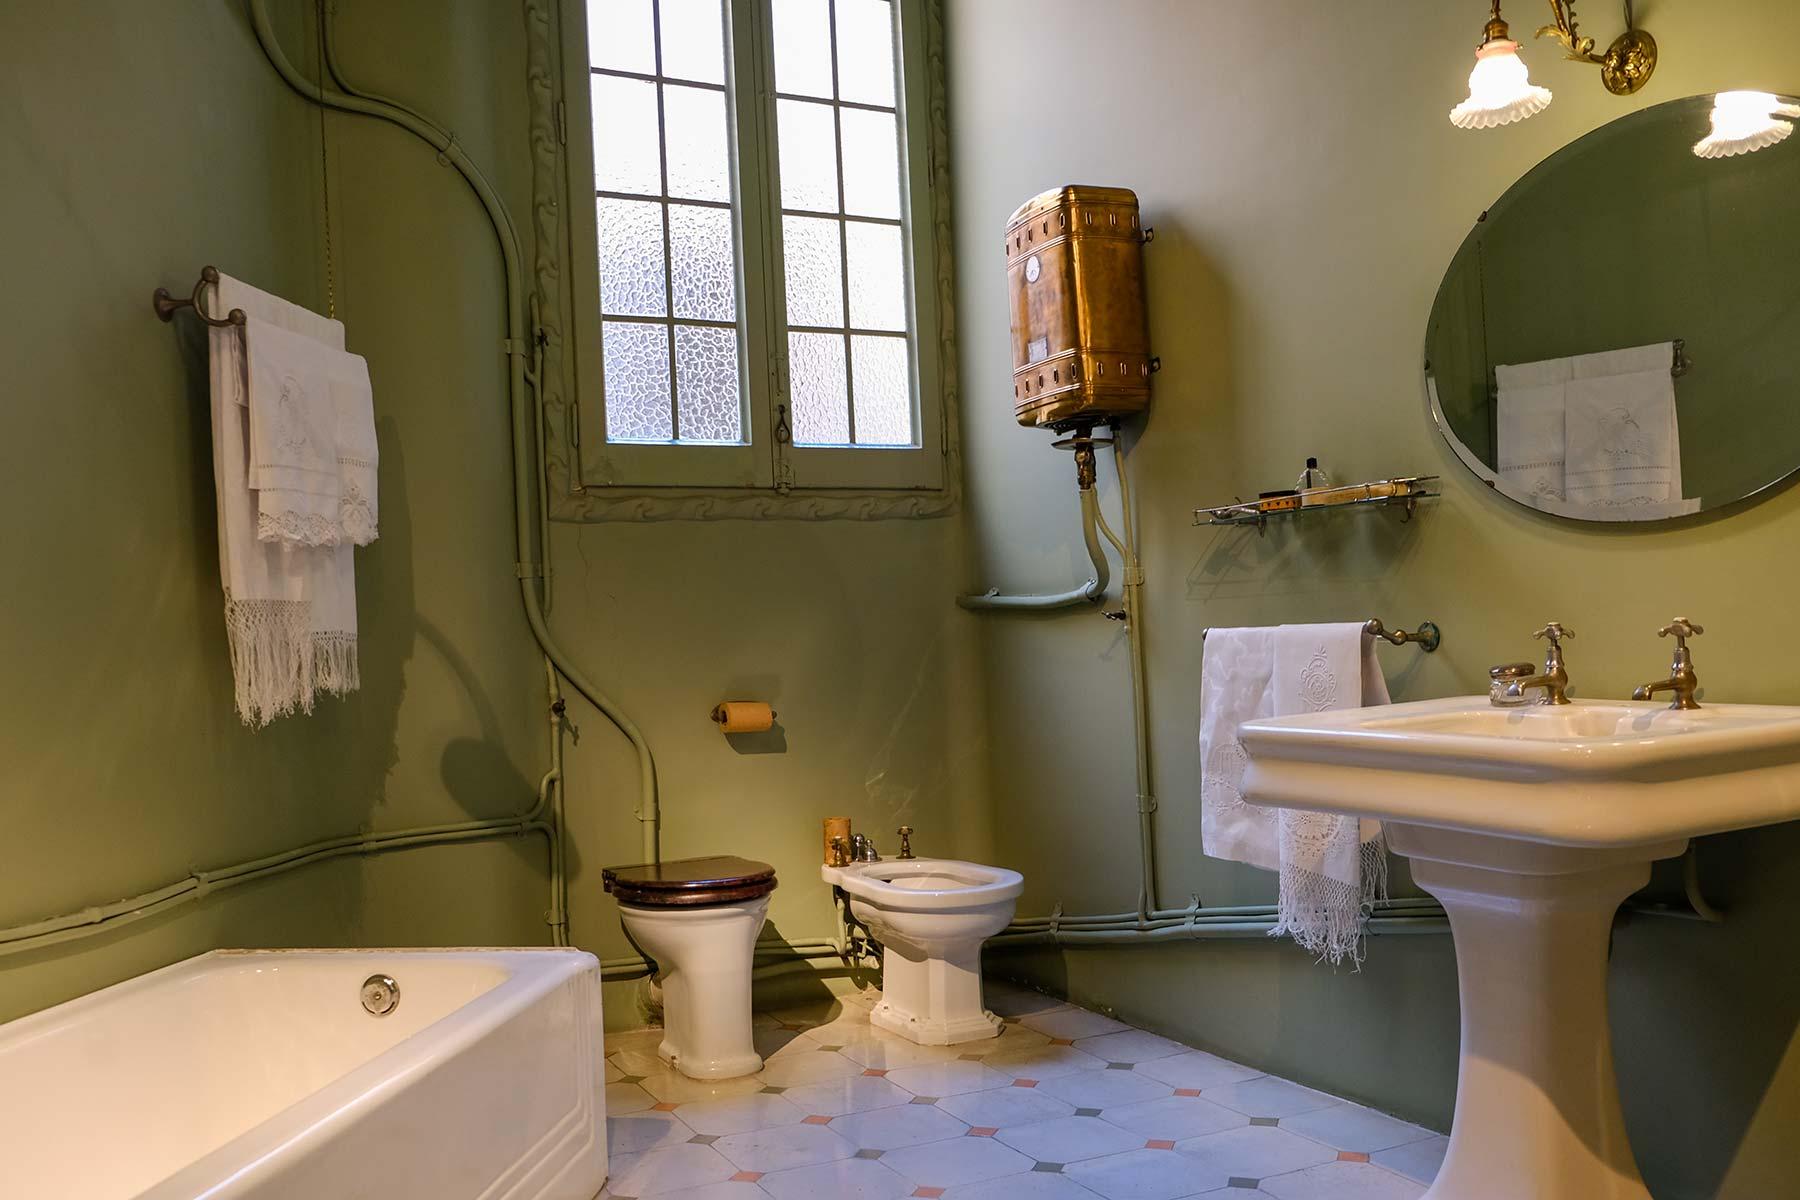 Badezimmer in der Casa Milà in Barcelona